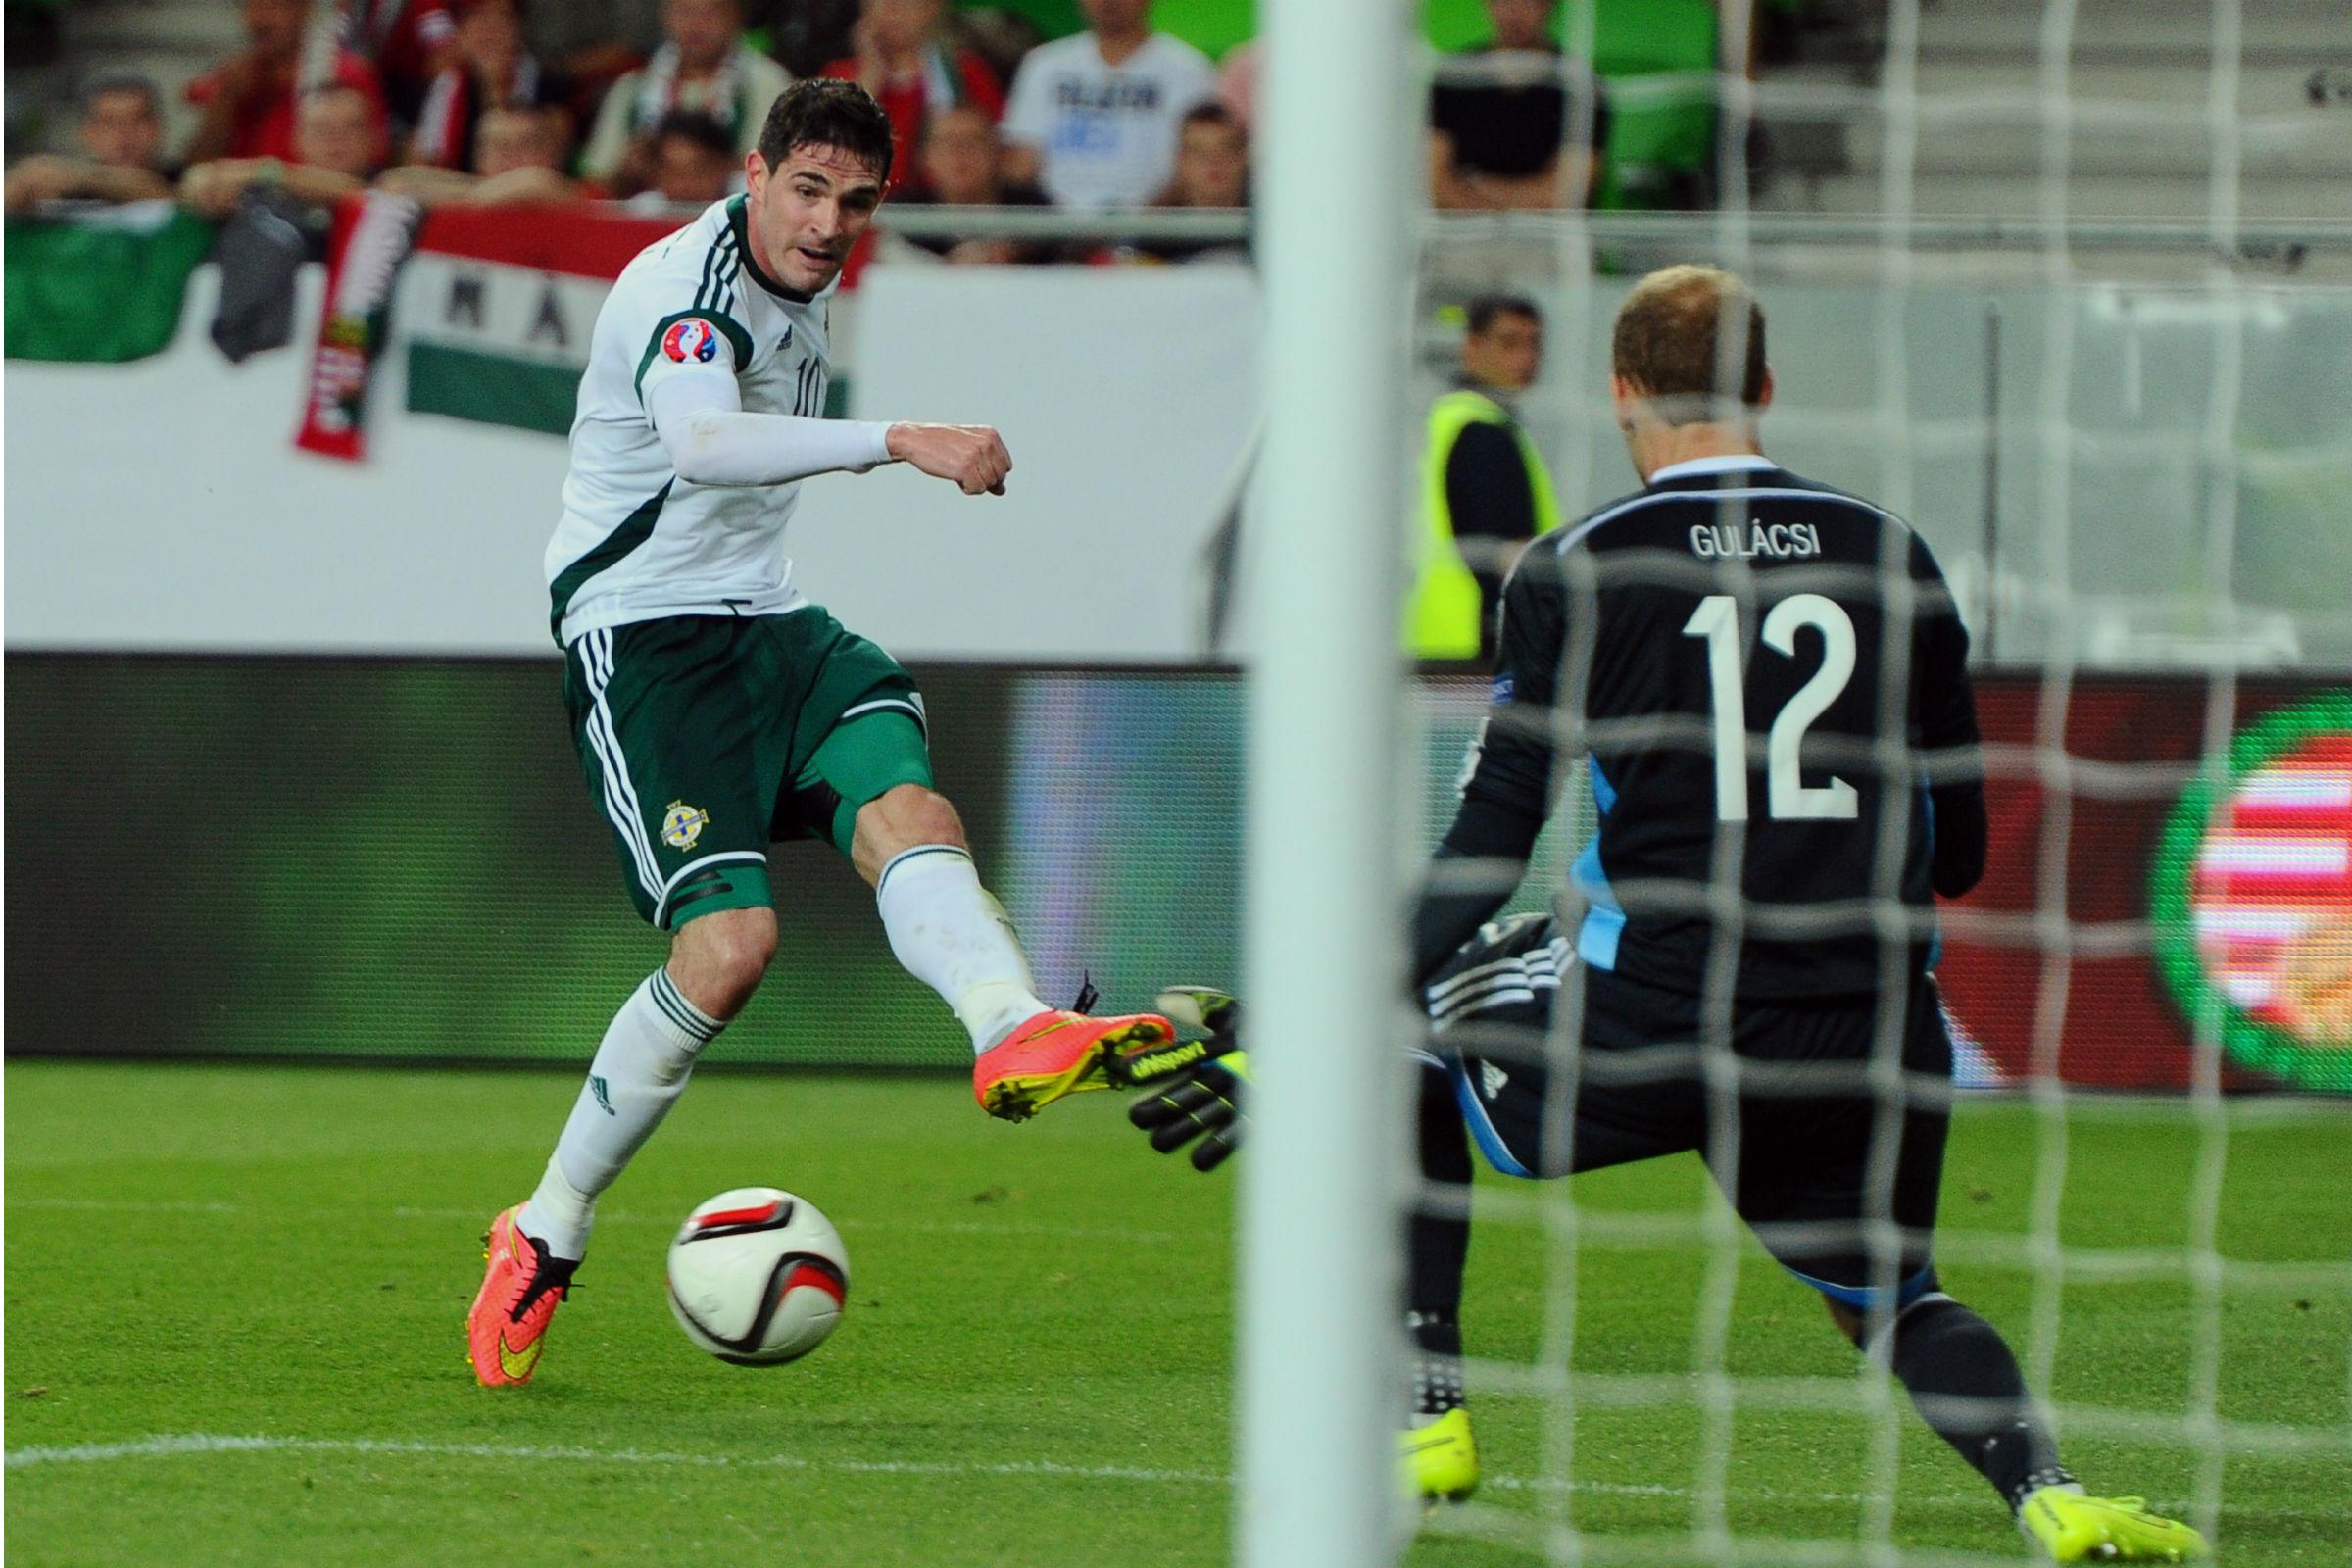 Lafferty számára még mindig a magyarok elleni meccs az etalon